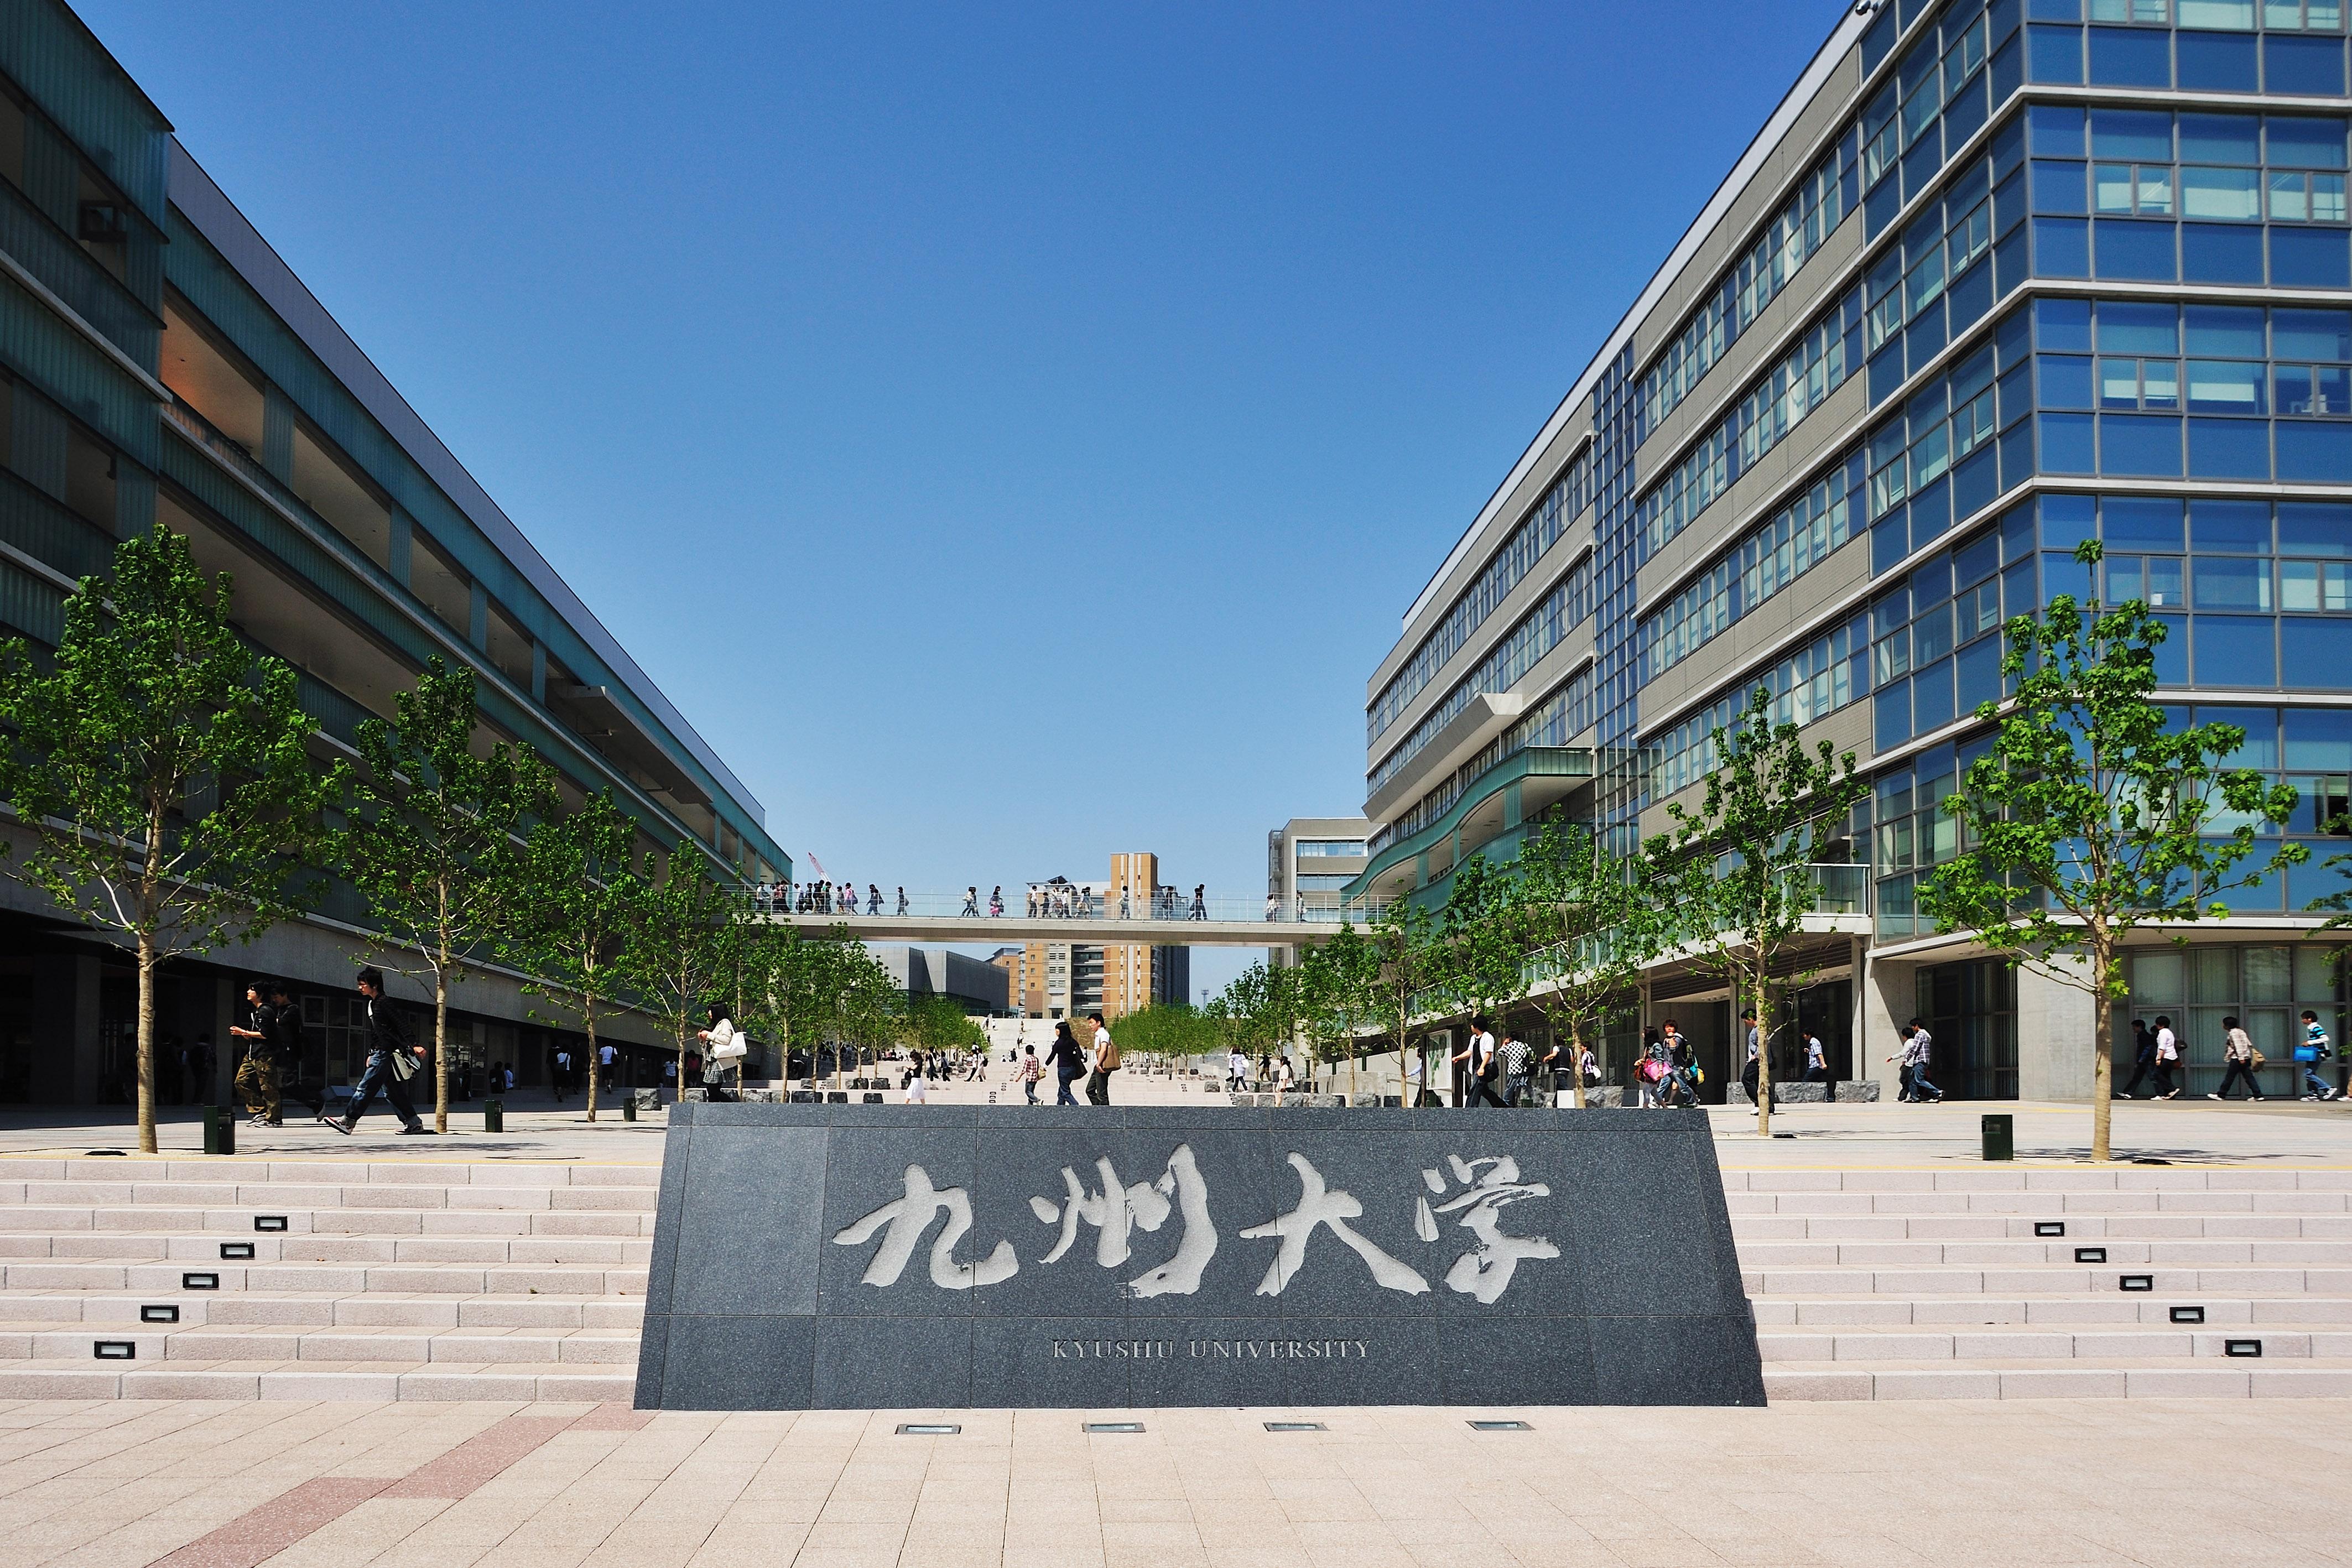 九州大学以上に進学したい鶴丸高校、甲南高校生が直面する苦難とその乗り越え方